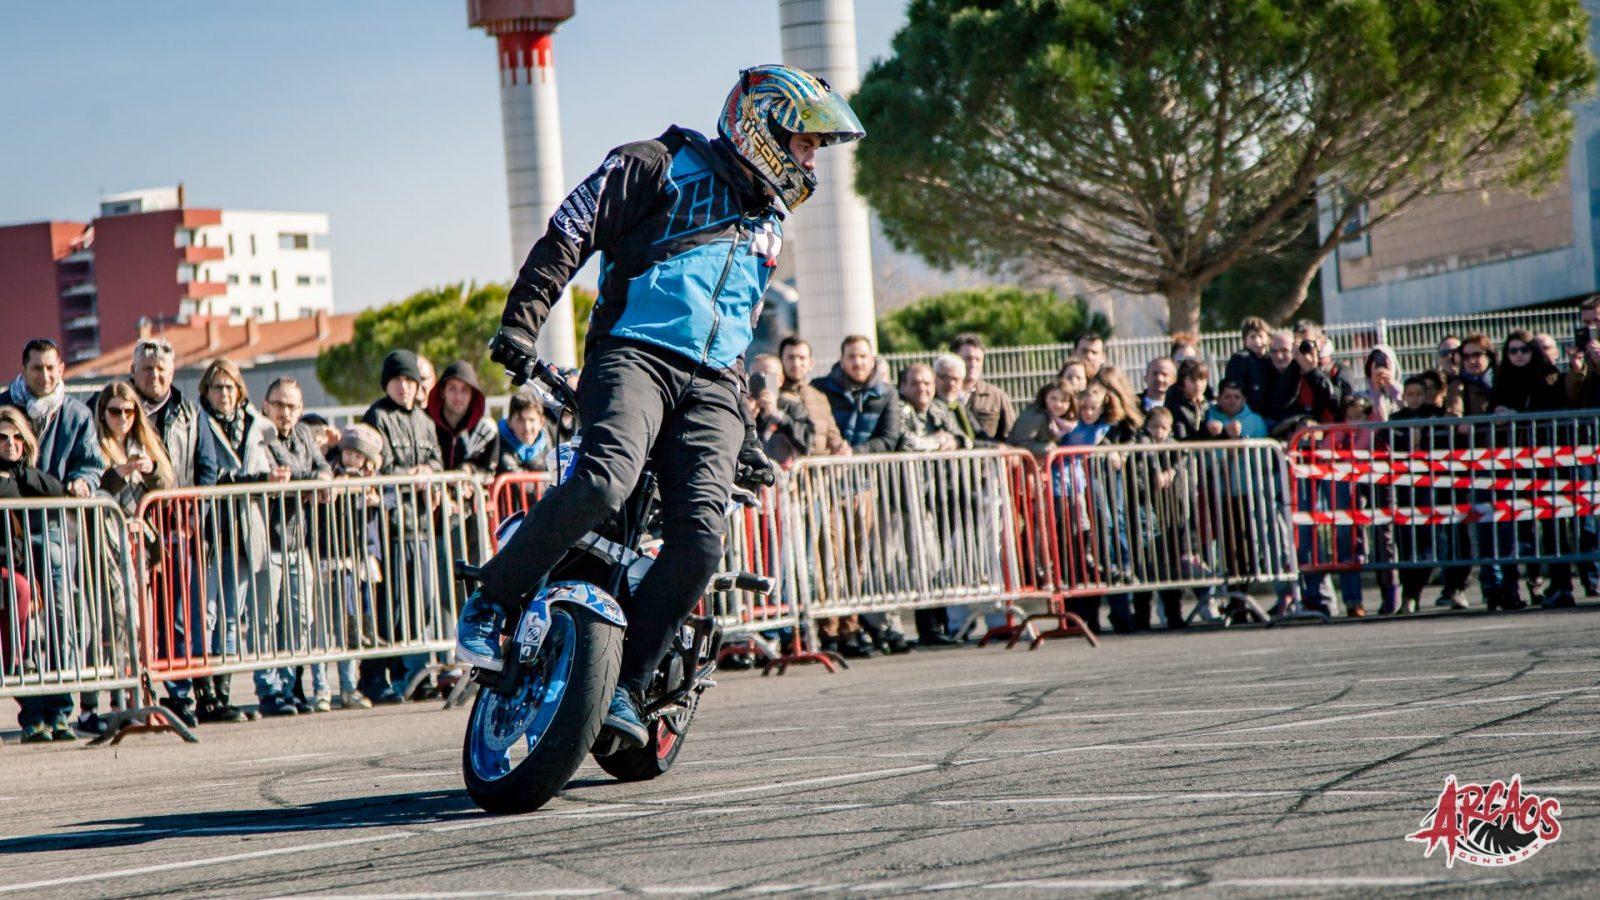 Julien Welsch stunt